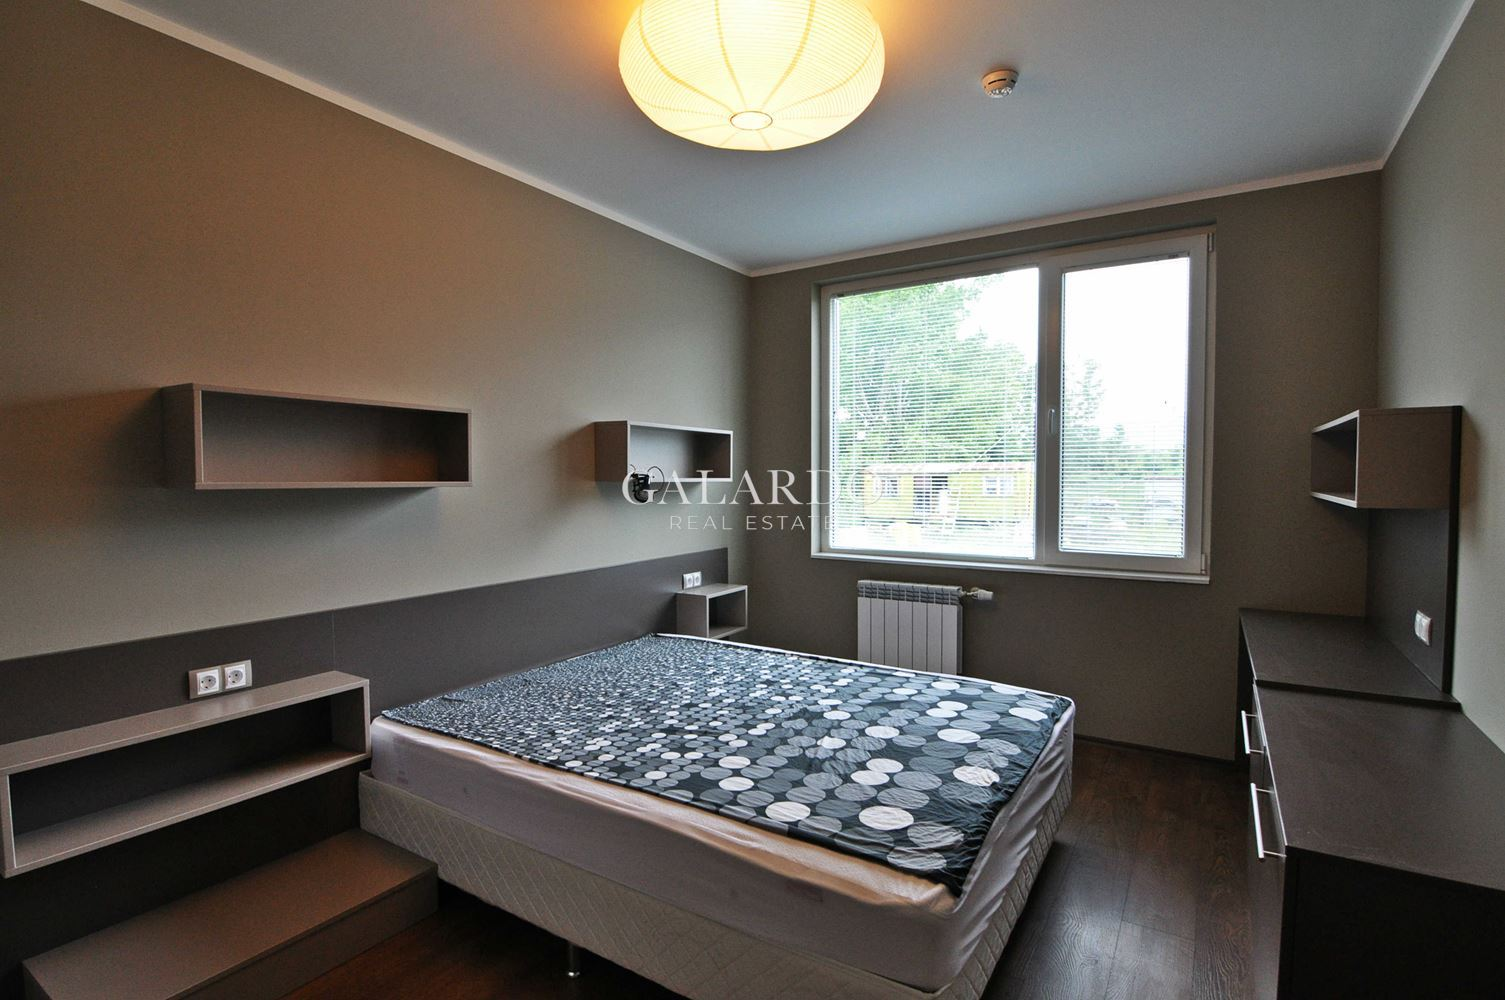 Слънчев апартамент с две спални в затворен комплекс до УНСС, Студентски град